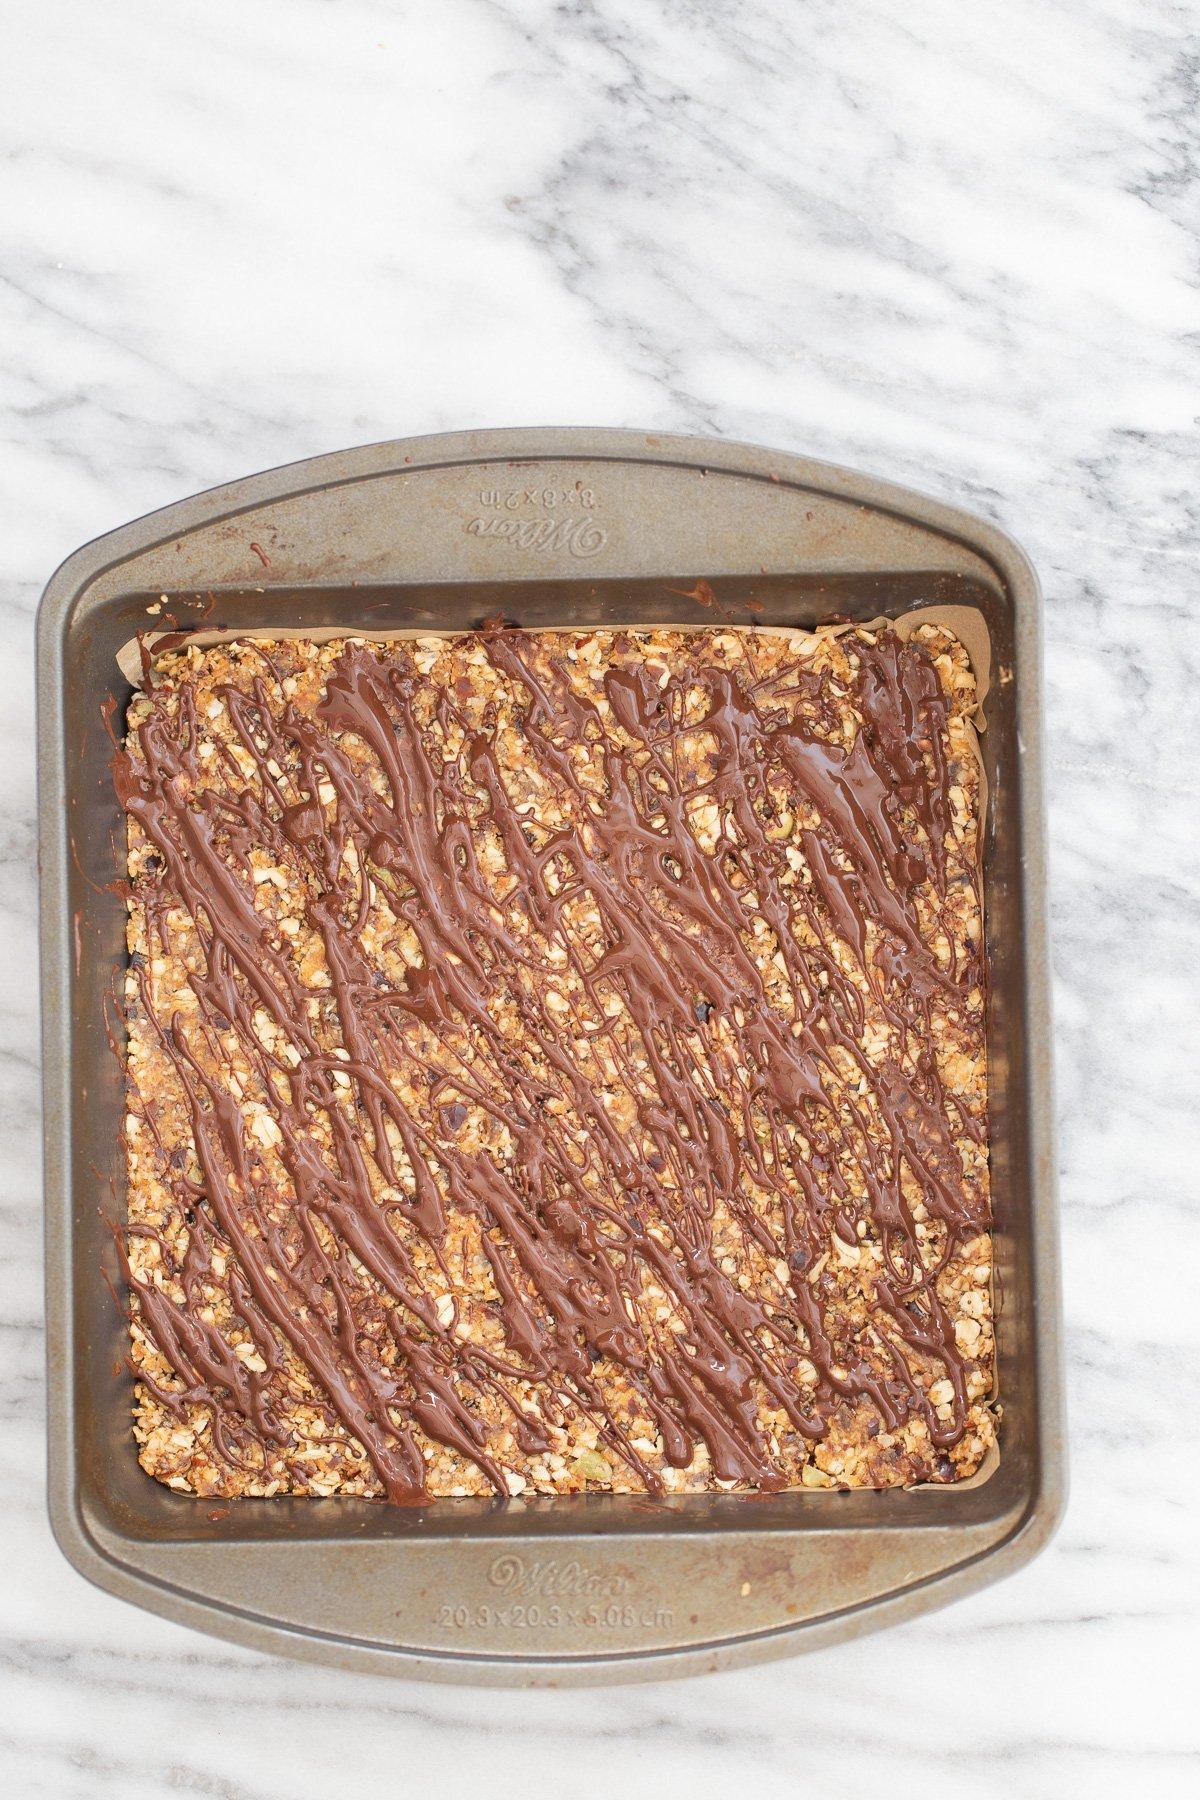 foto aérea de uma caçarola com barras de tâmaras de caramelo de coco vegano regadas com chocolate derretido